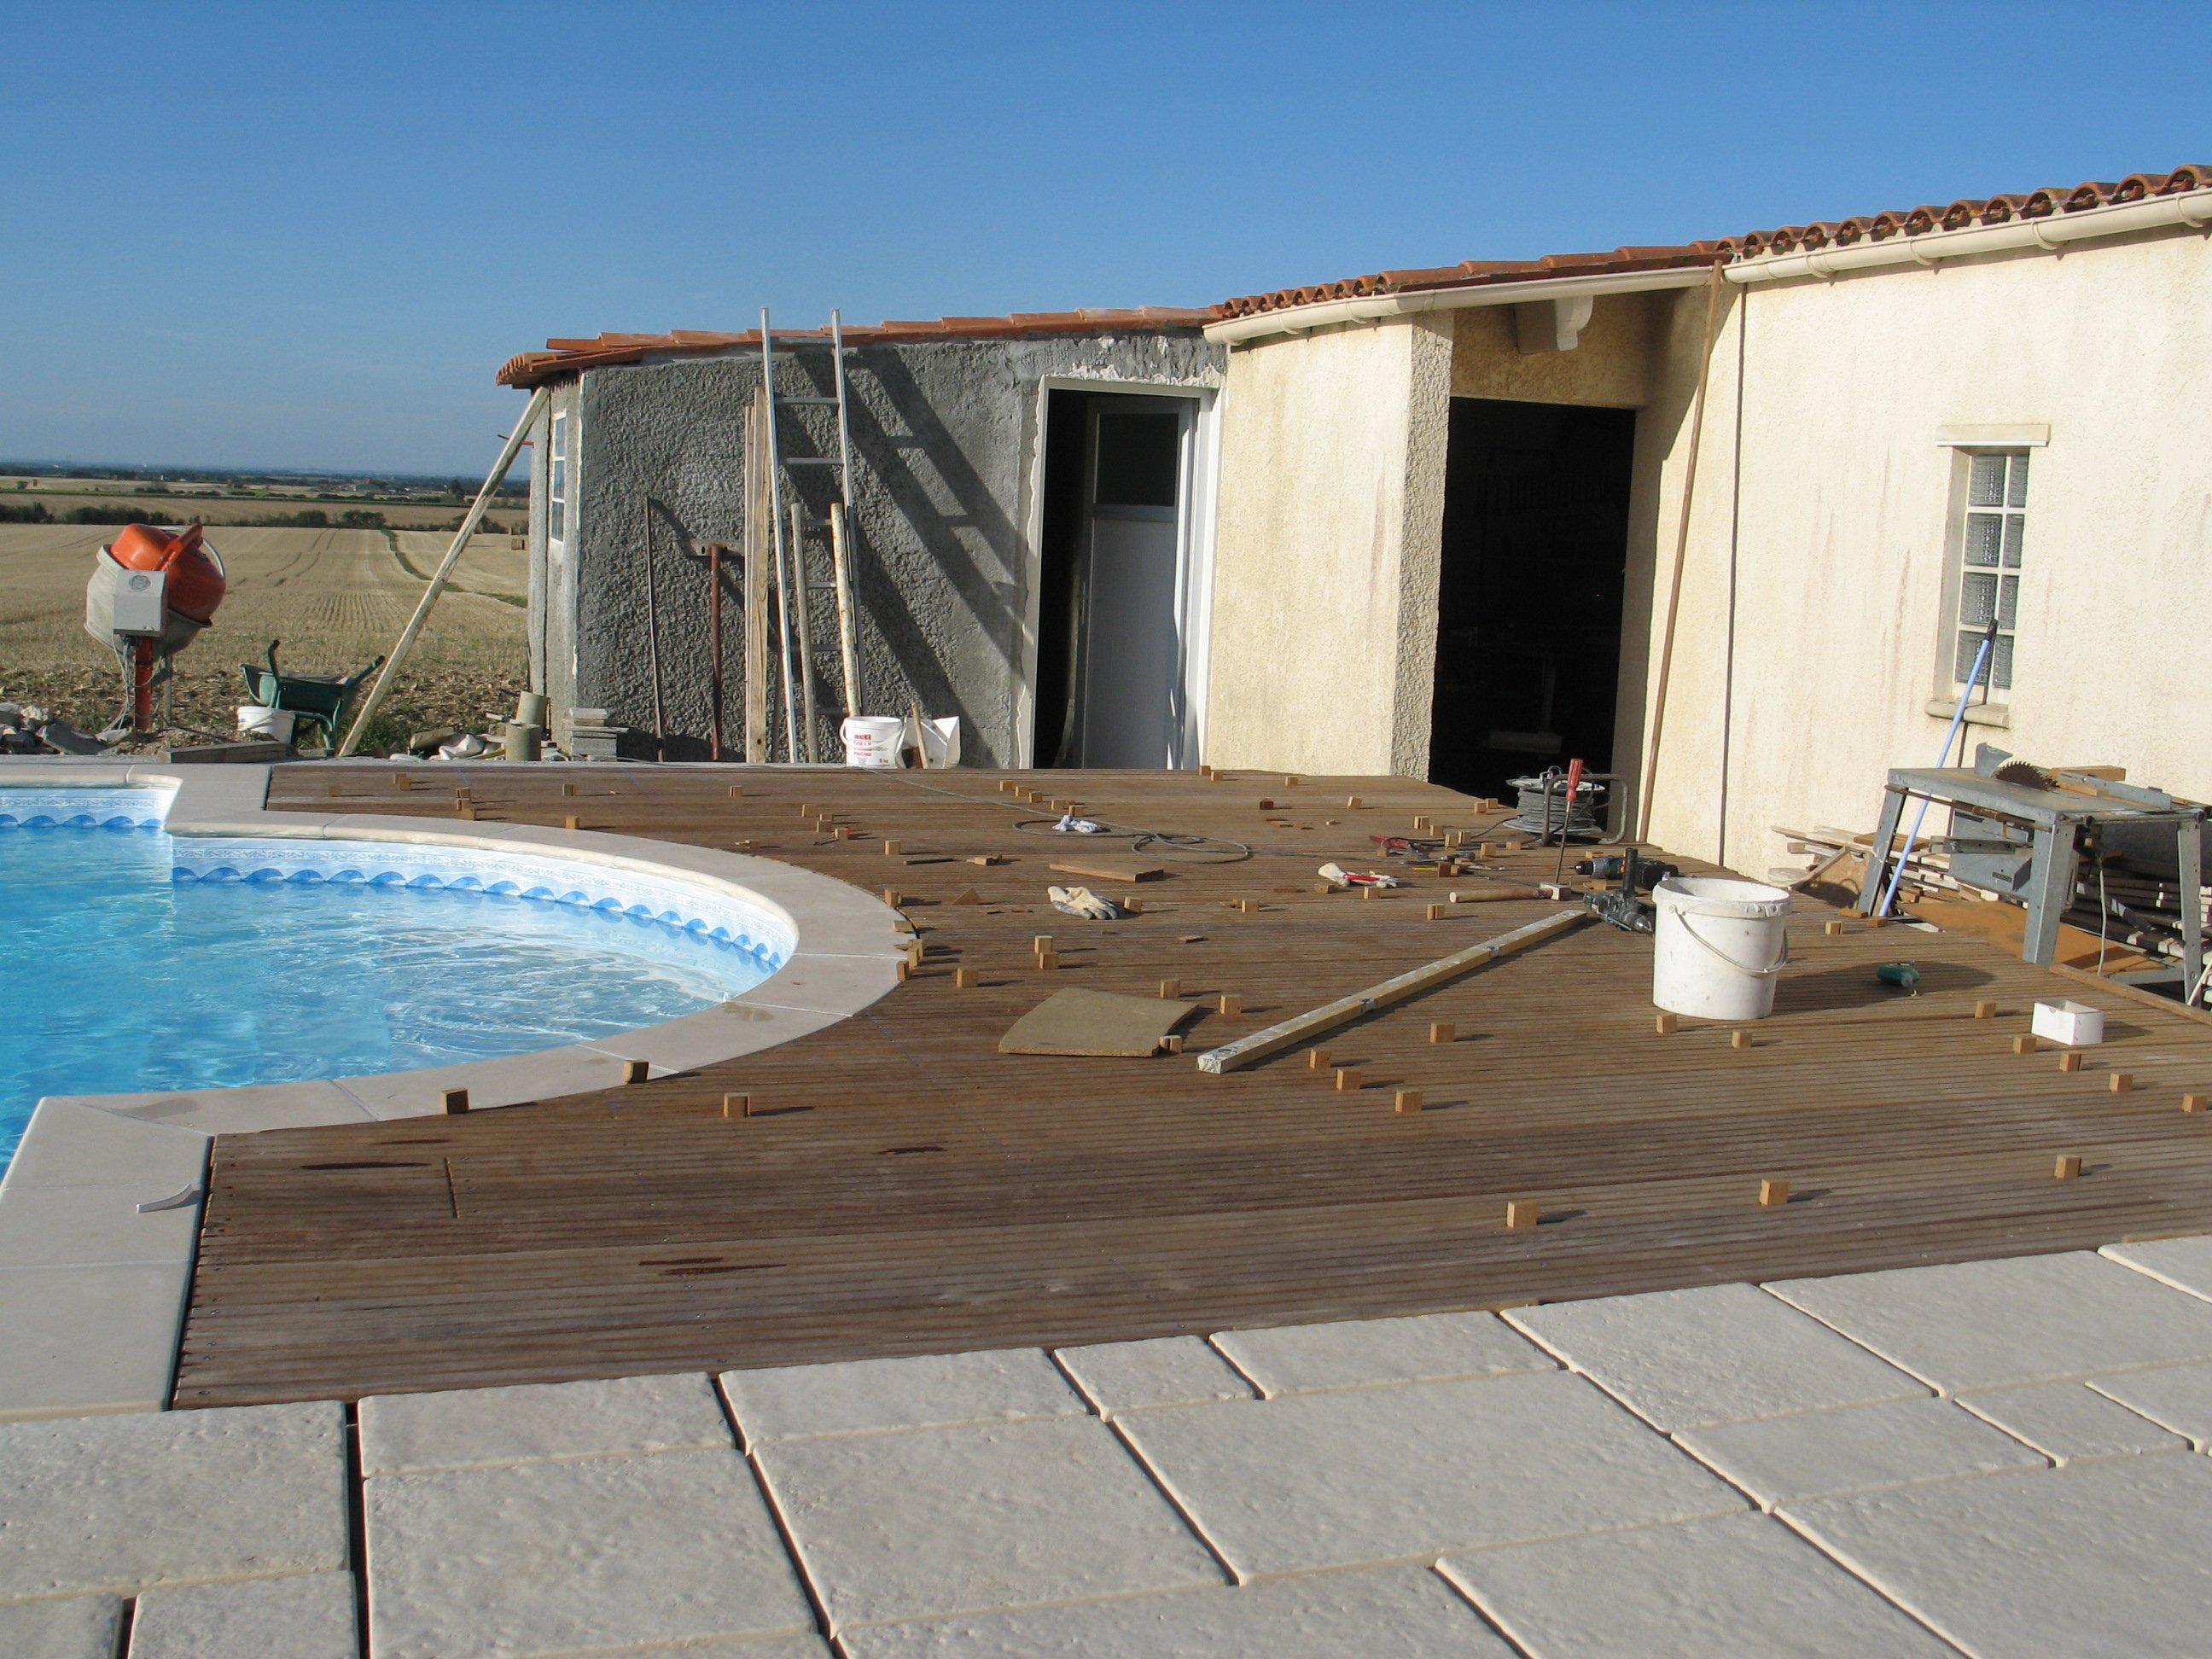 Construire sa piscine 2009 novembre for Piscine bois avec escalier